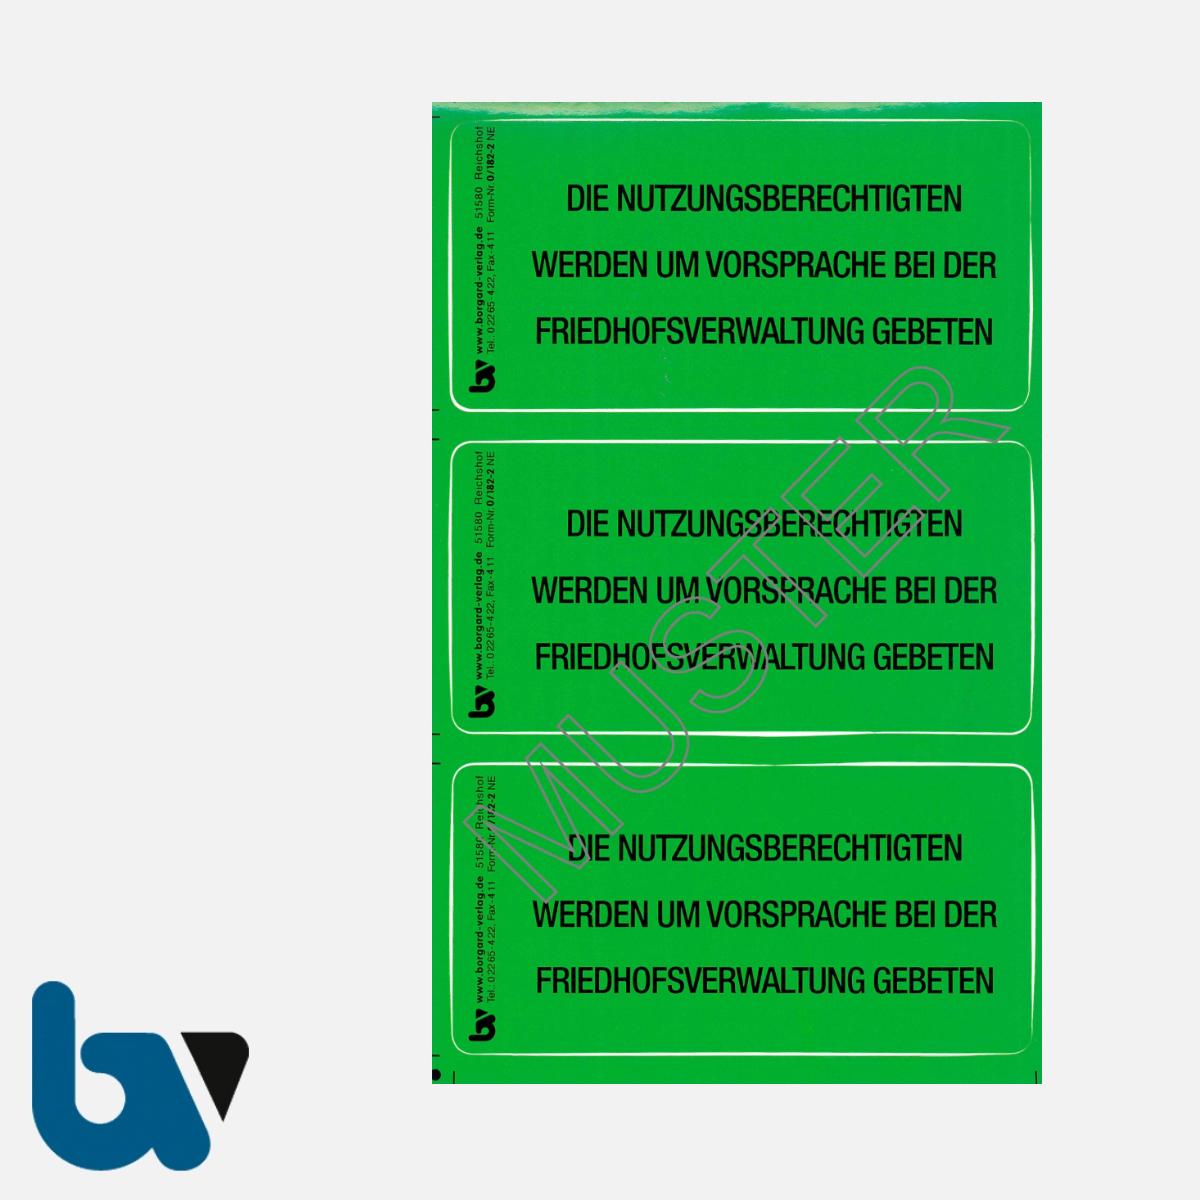 0/182-2 Grab Aufkleber Nutzungsberechtigte Vorsprache Aufforderung Friedhof Verwaltung grün PVC Folie selbstklebend | Borgard Verlag GmbH